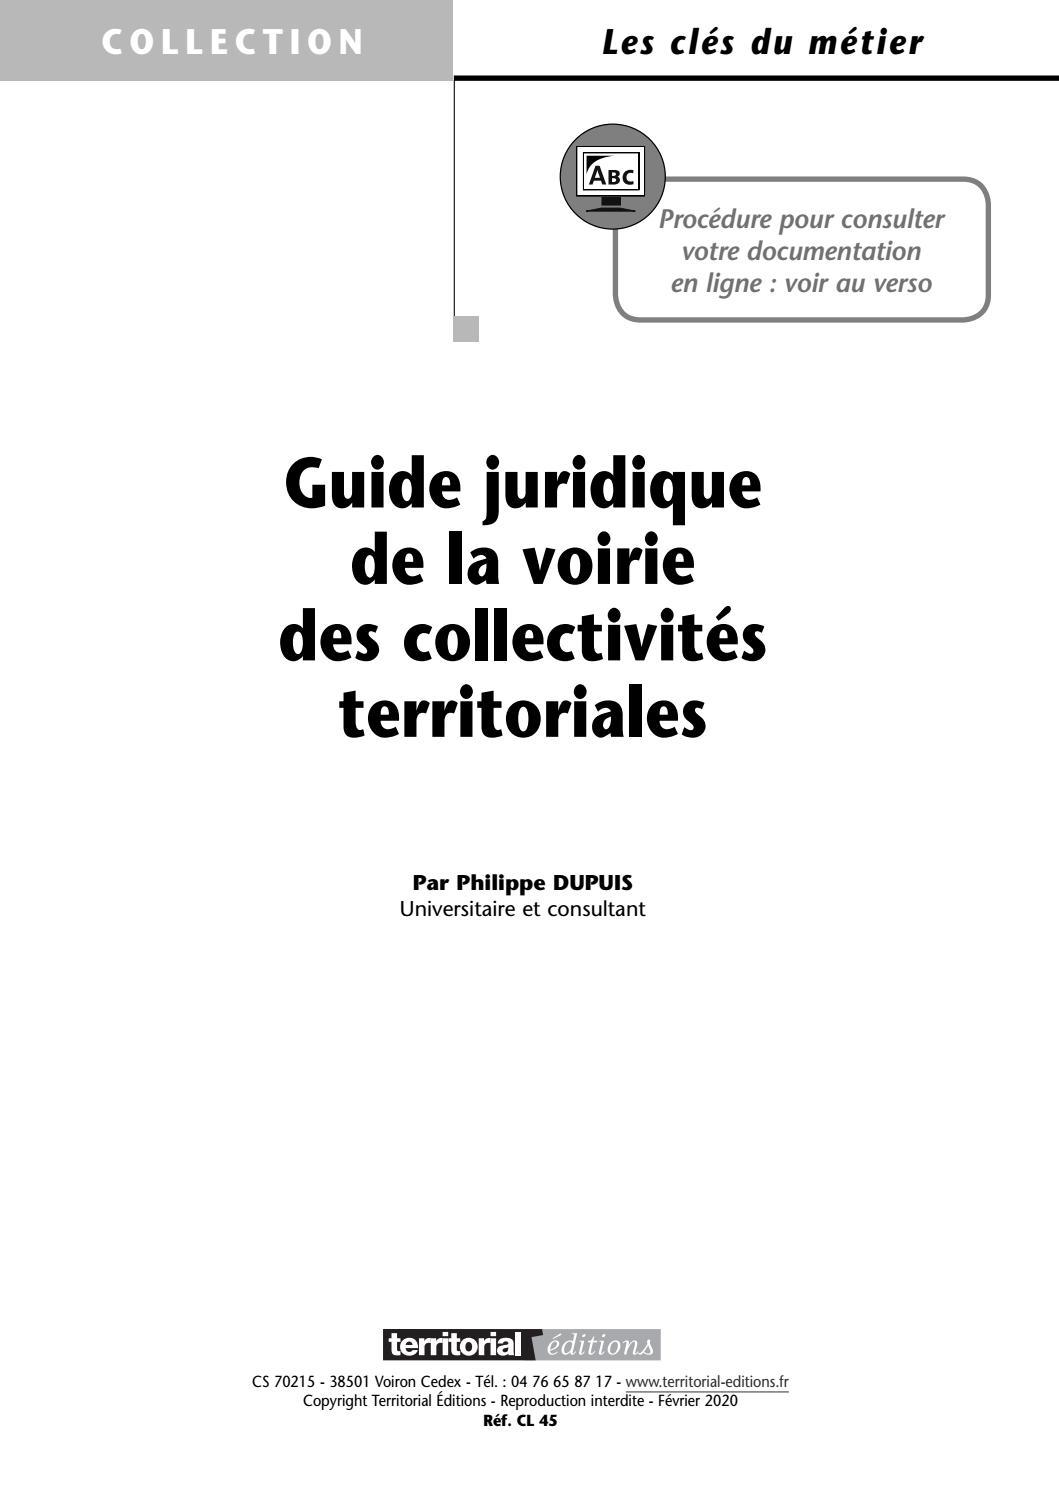 Guide juridique de la voirie des collectivites